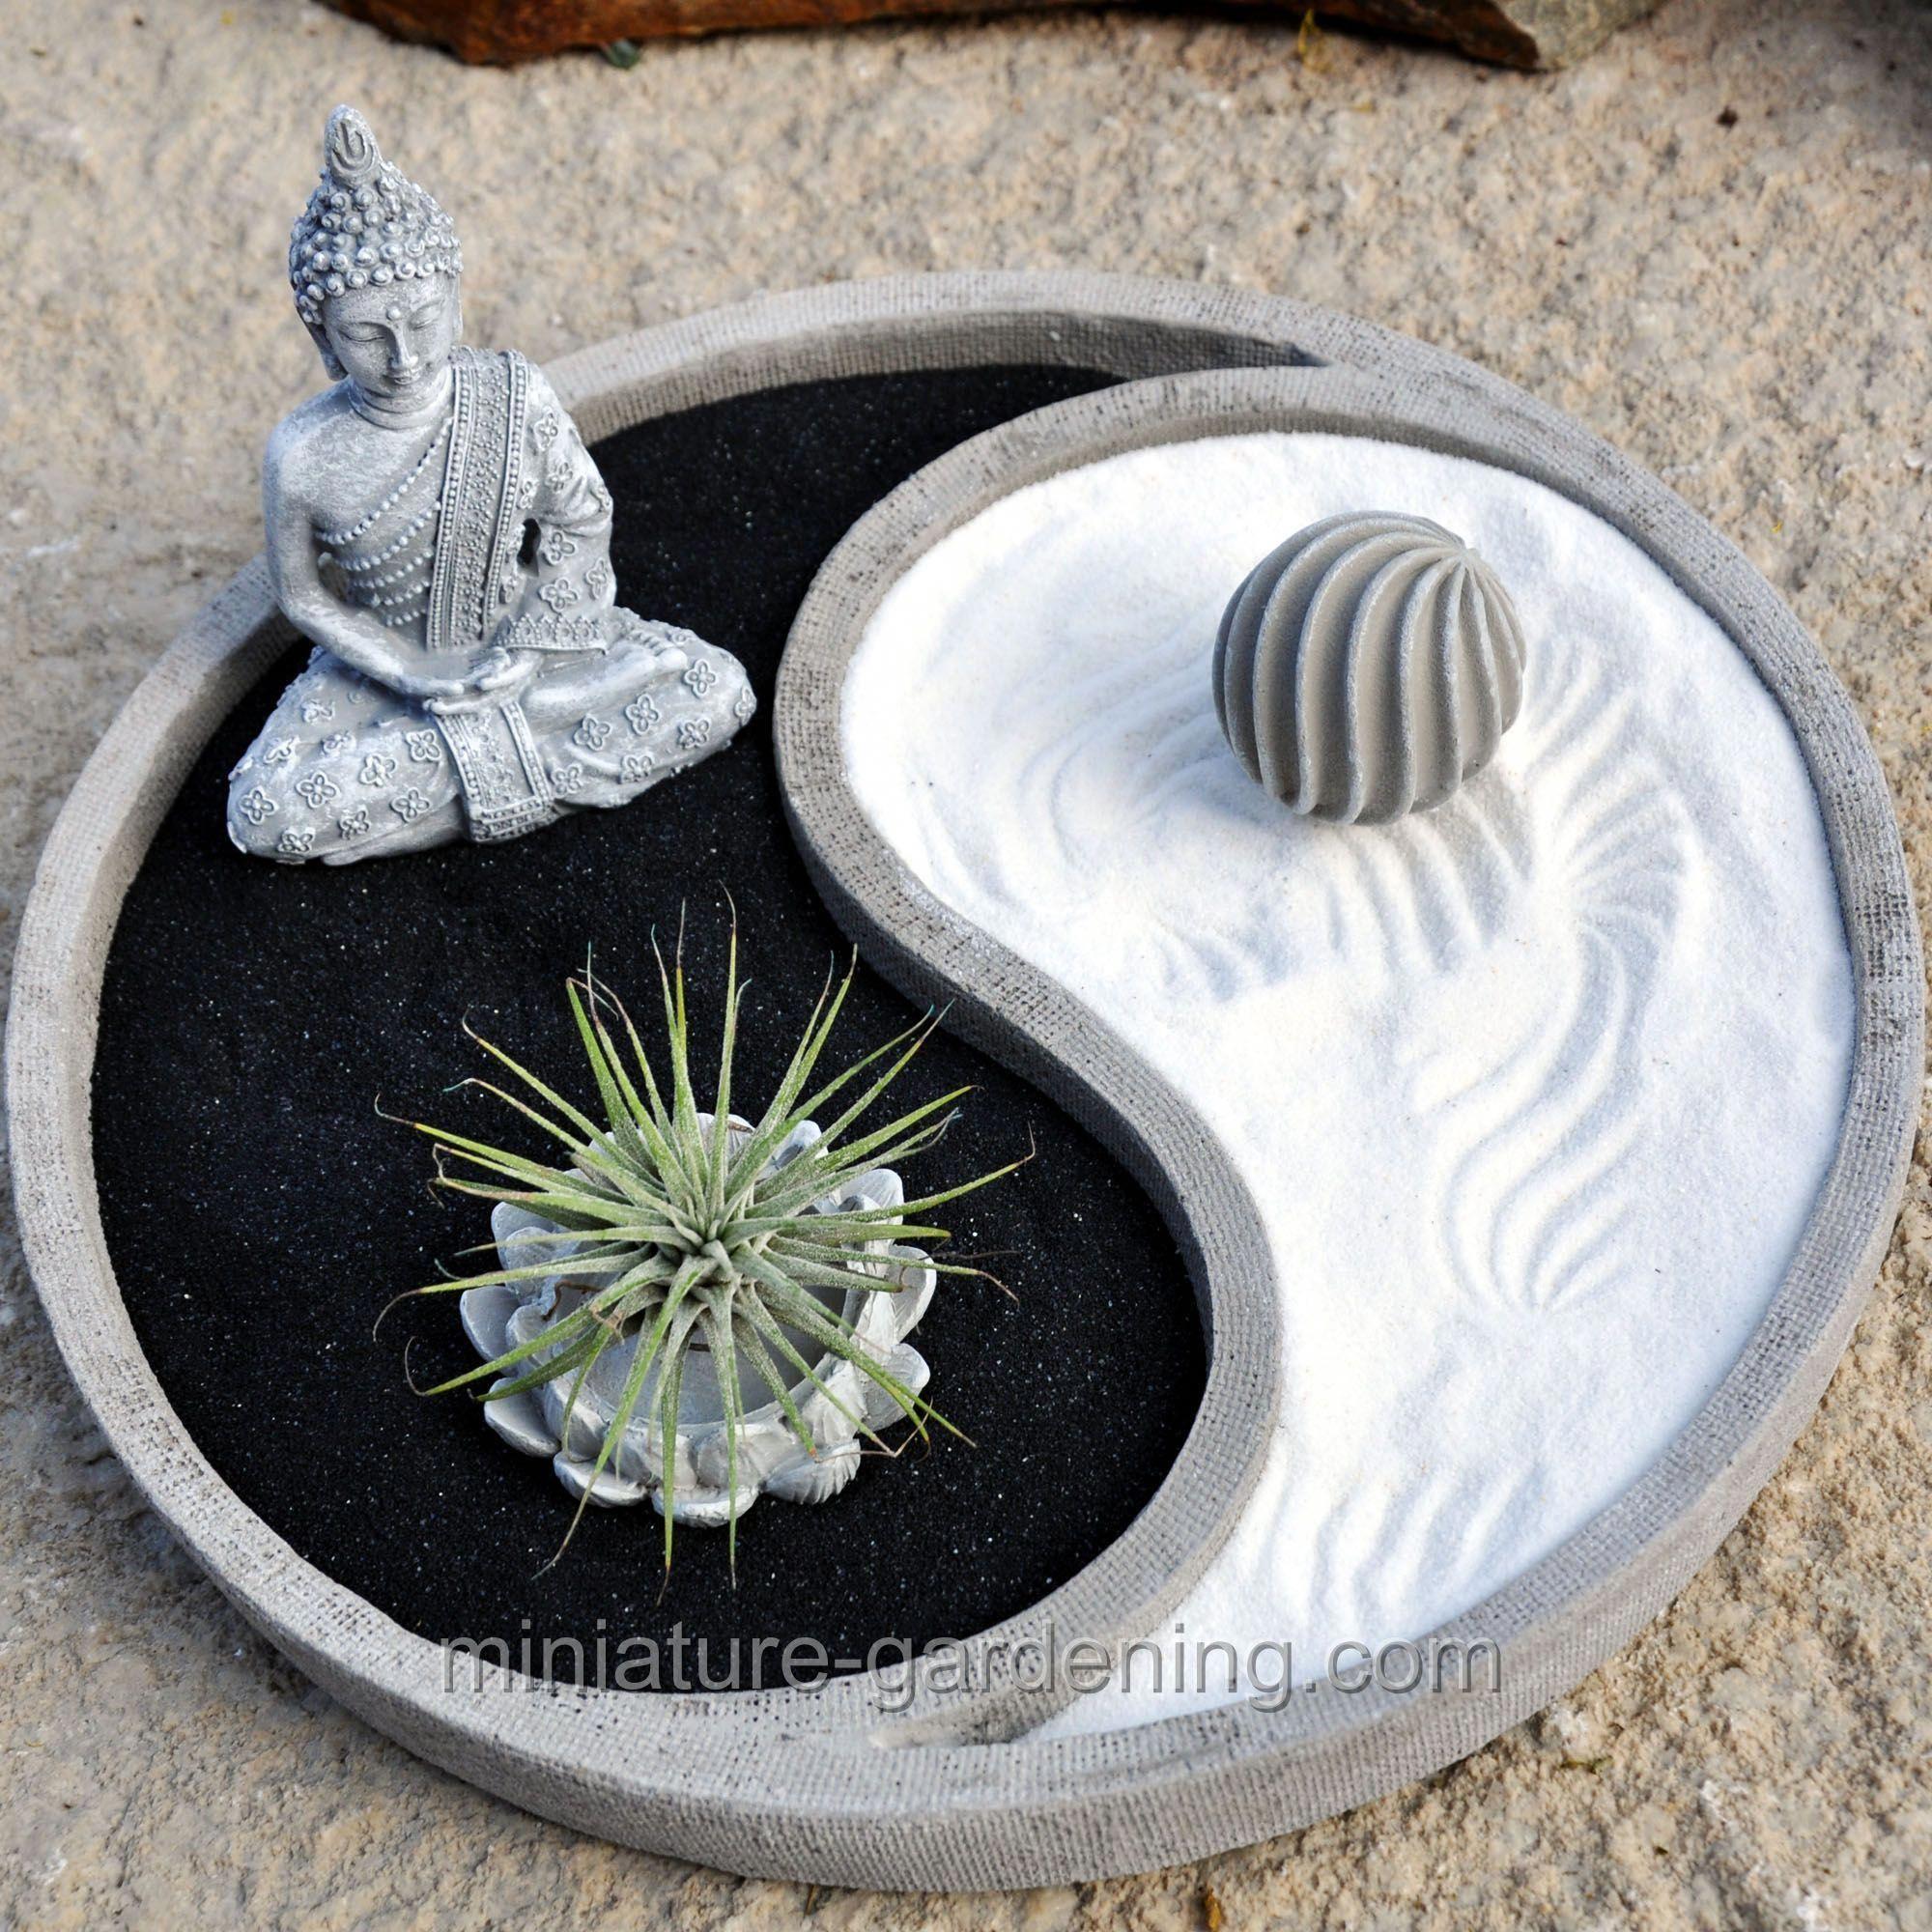 Mini Zen Garden Miniature Zen Garden Zen Garden Design Zen Garden Diy Buddha Garden Japanese Garden Miniature Zen Garden Zen Garden Design Zen Garden Diy